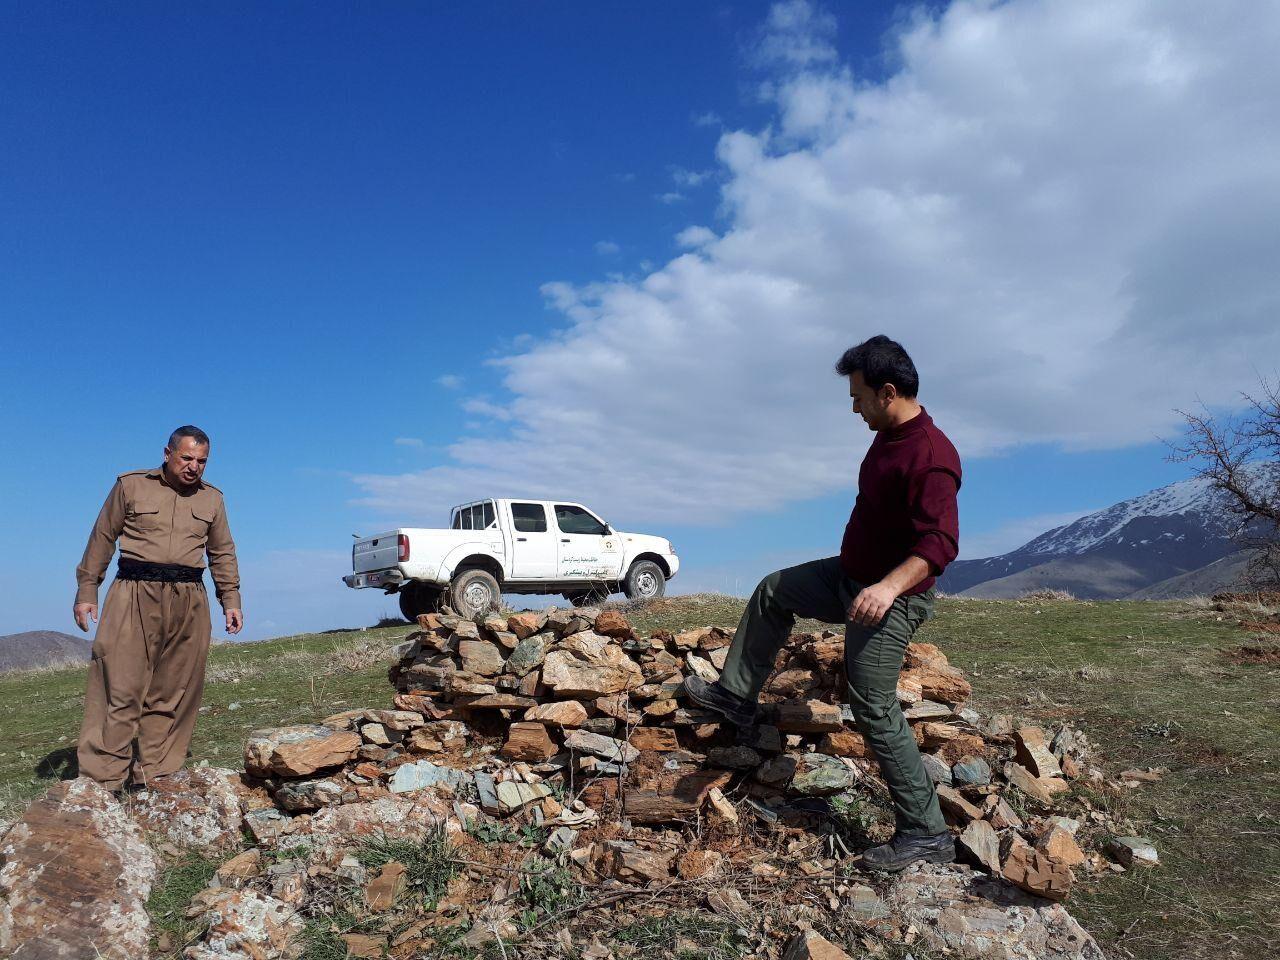 بازدید معاون سیاسی، امنیتی و اجتماعی استاندار کردستان از وضعیت اجرای طرح فاصله گذاری اجتماعی در ورودی سنندج